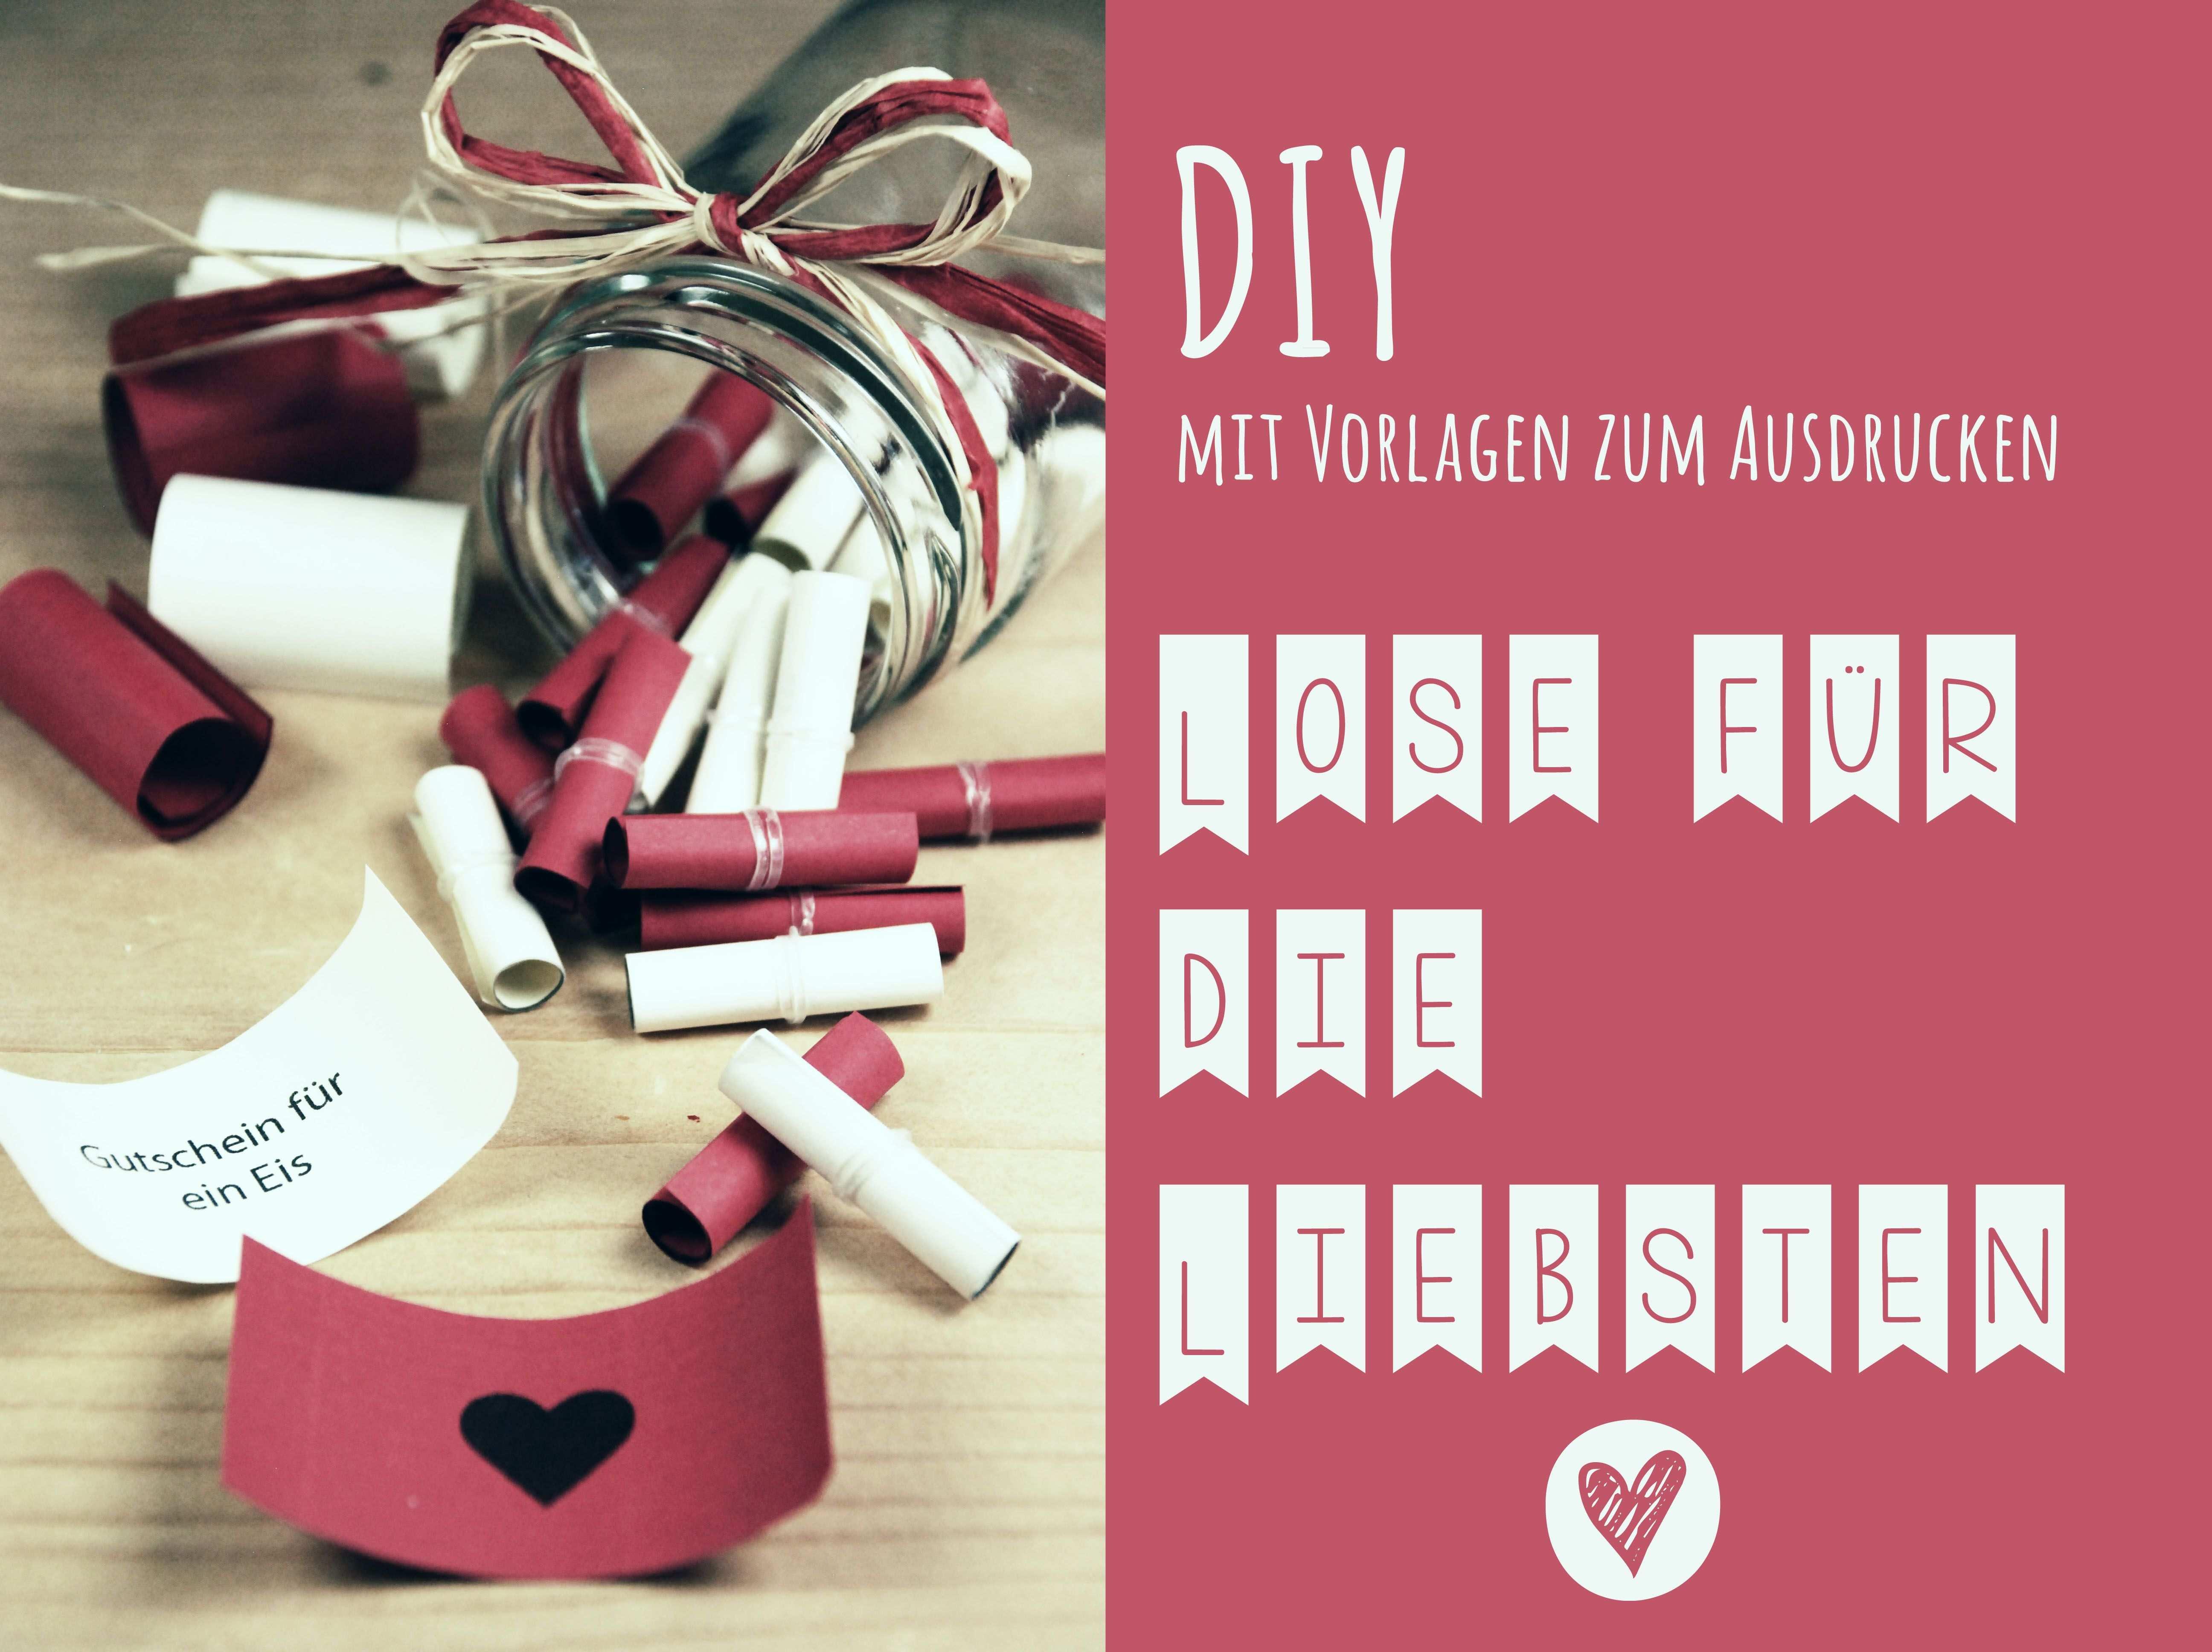 Diy Lose Fur Die Liebsten Valentinstag Geschenk Fur Ihn